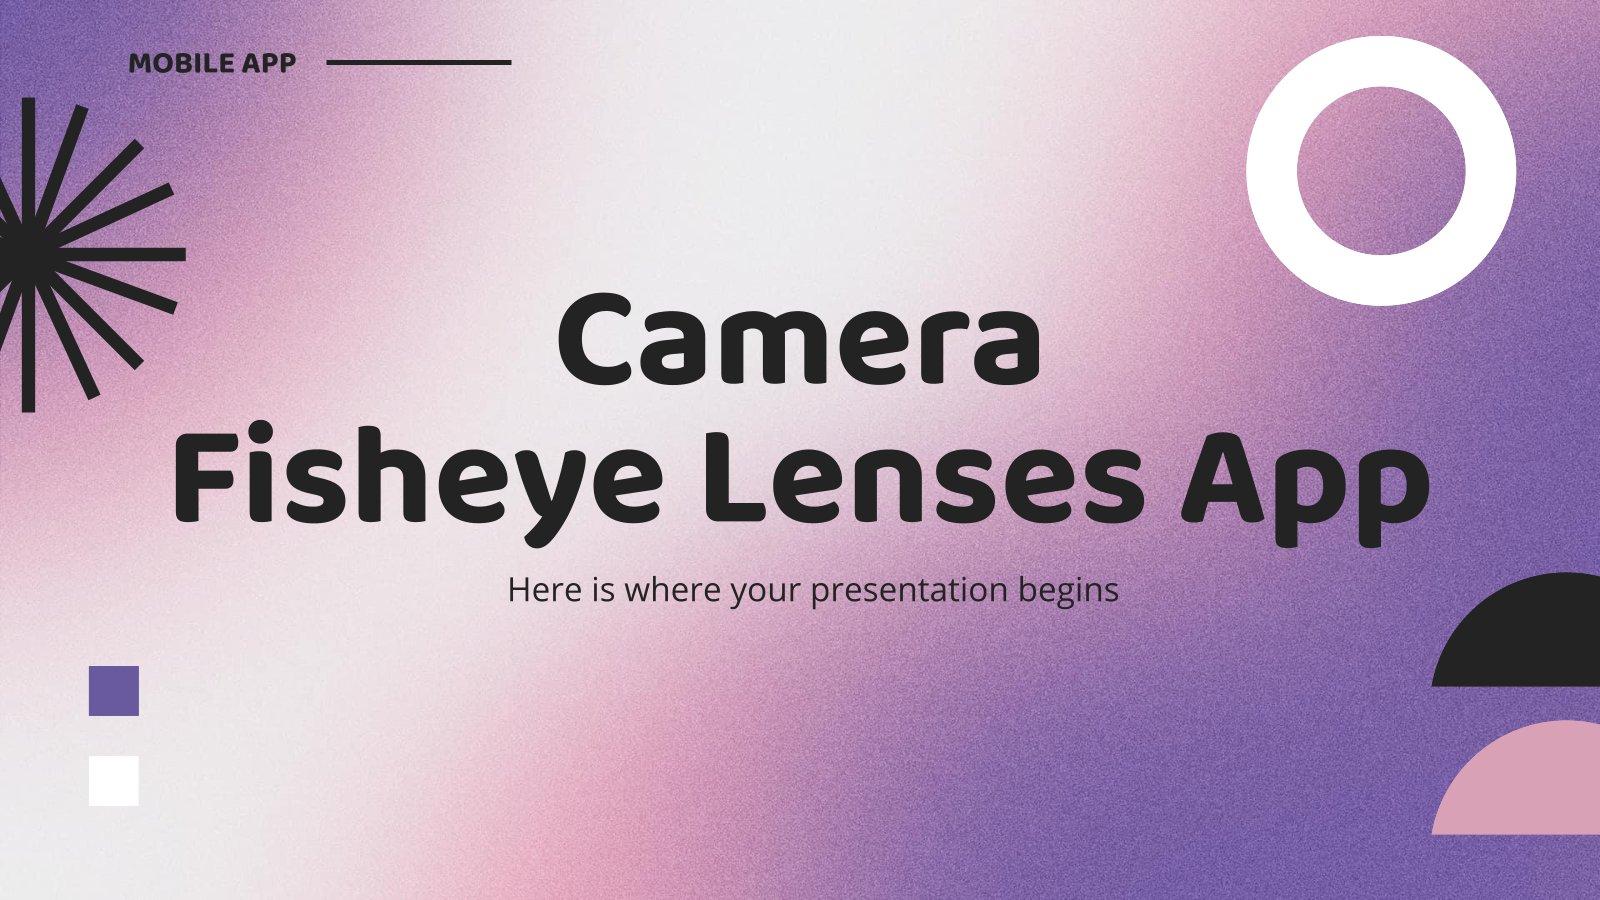 Modelo de apresentação App de objetiva olho de peixe